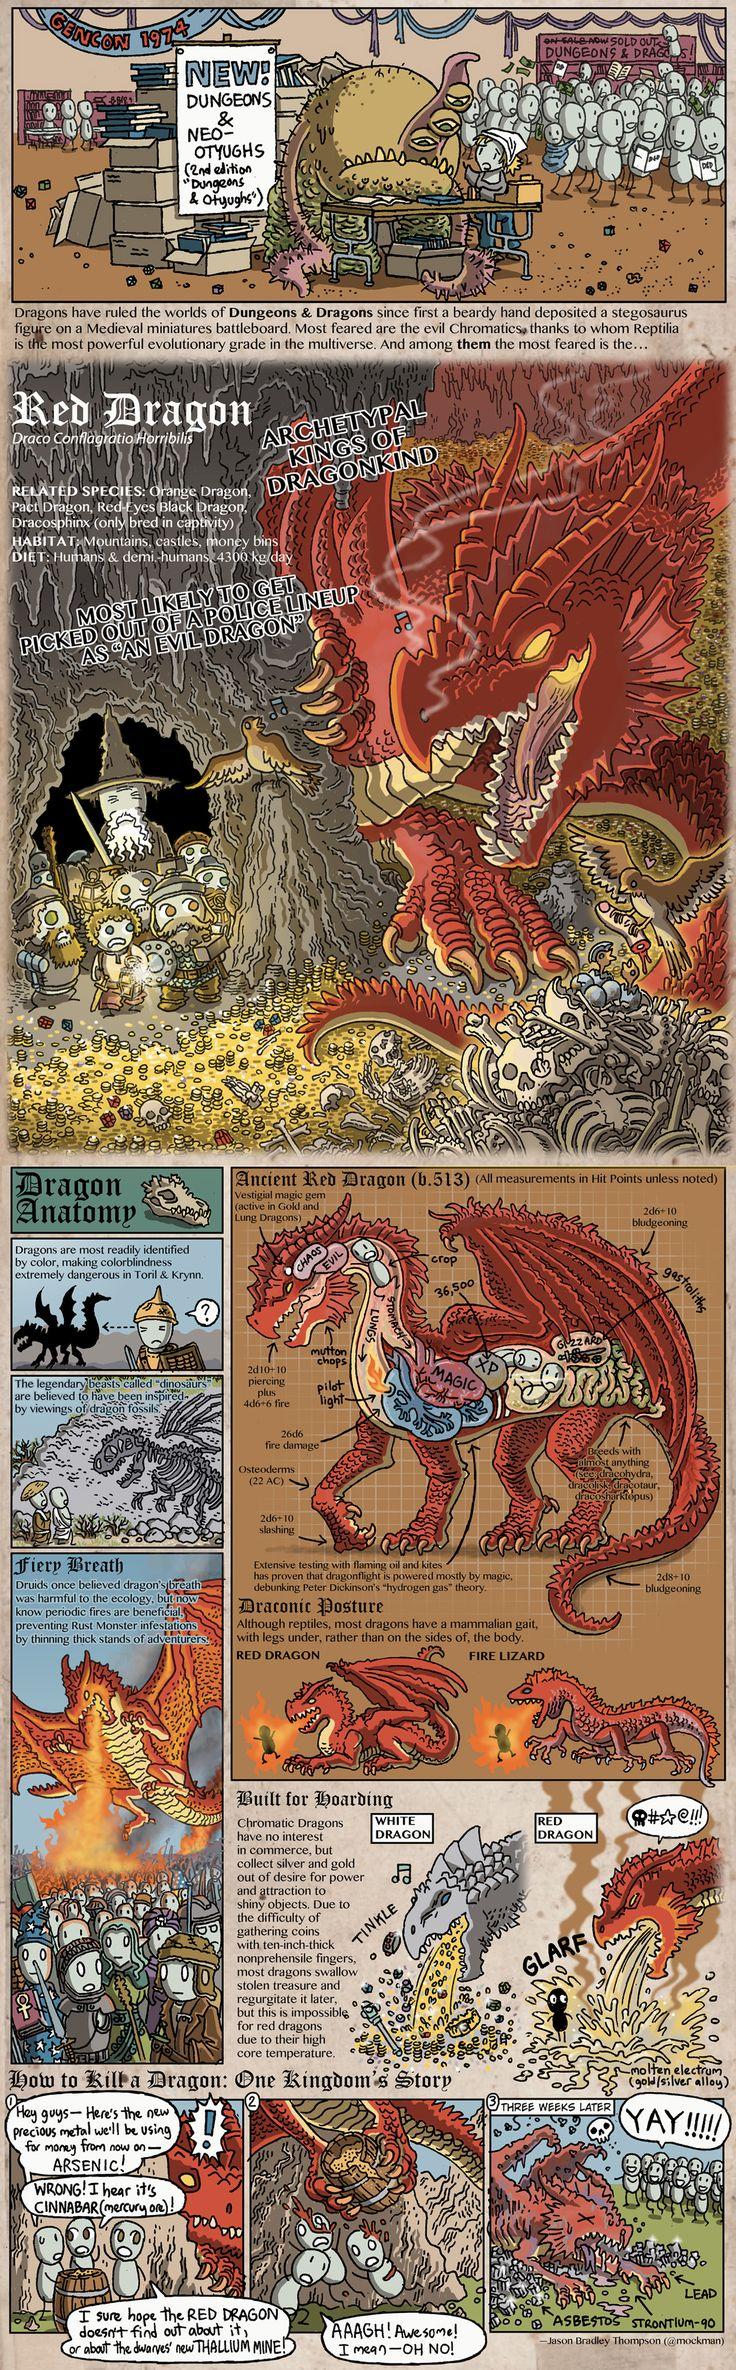 http://media.wizards.com/2014/images/dnd/articles/toon_reddragon.jpg